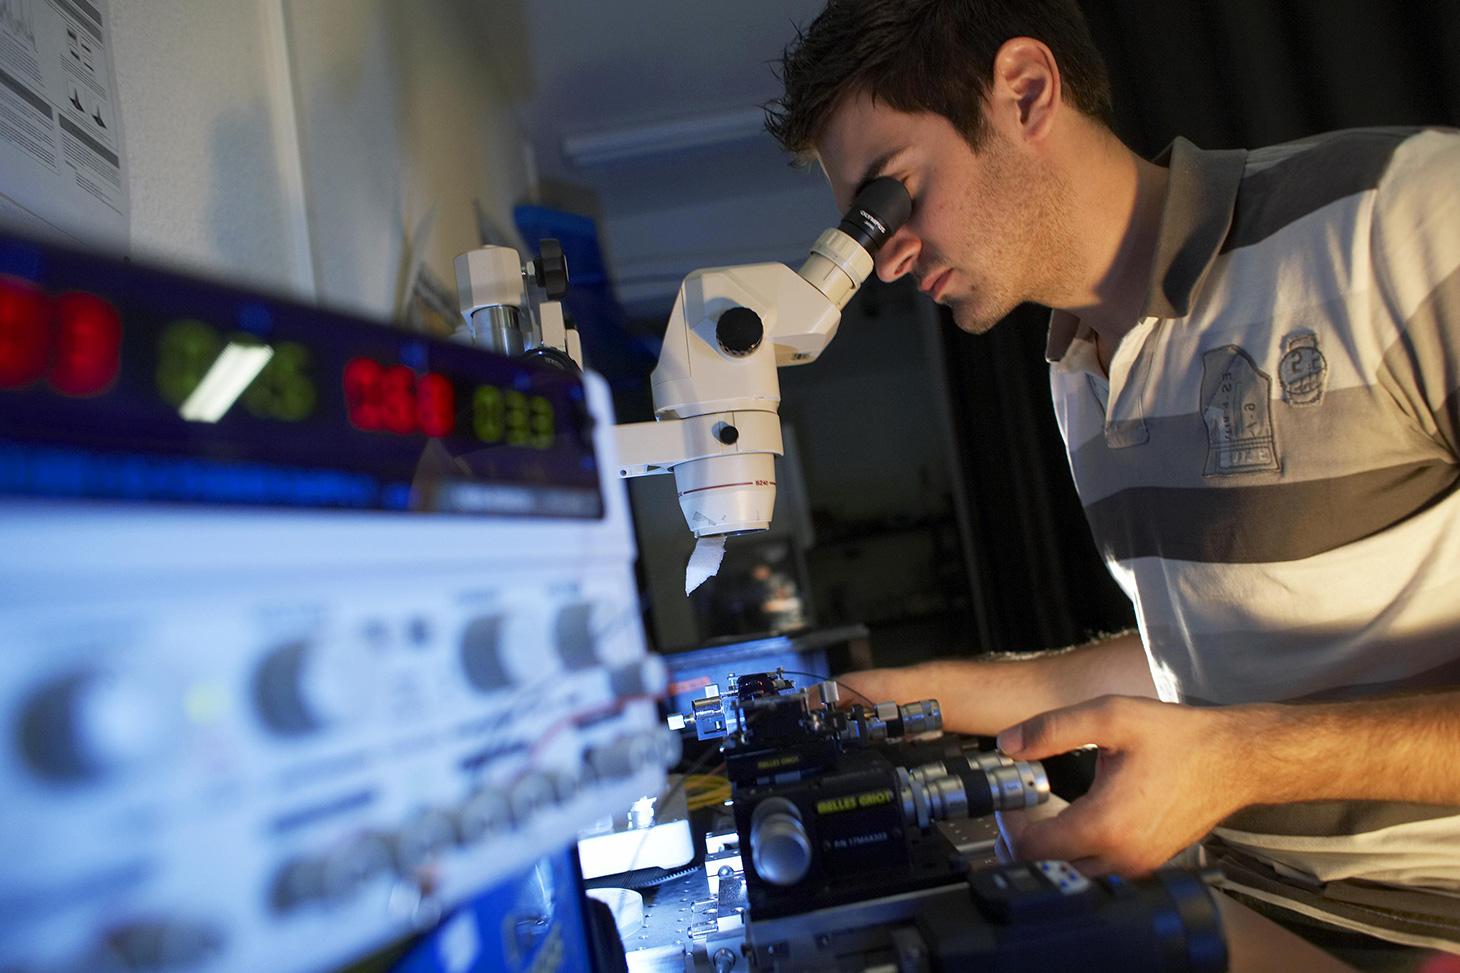 Un jeune chercheur dans un laboratoire